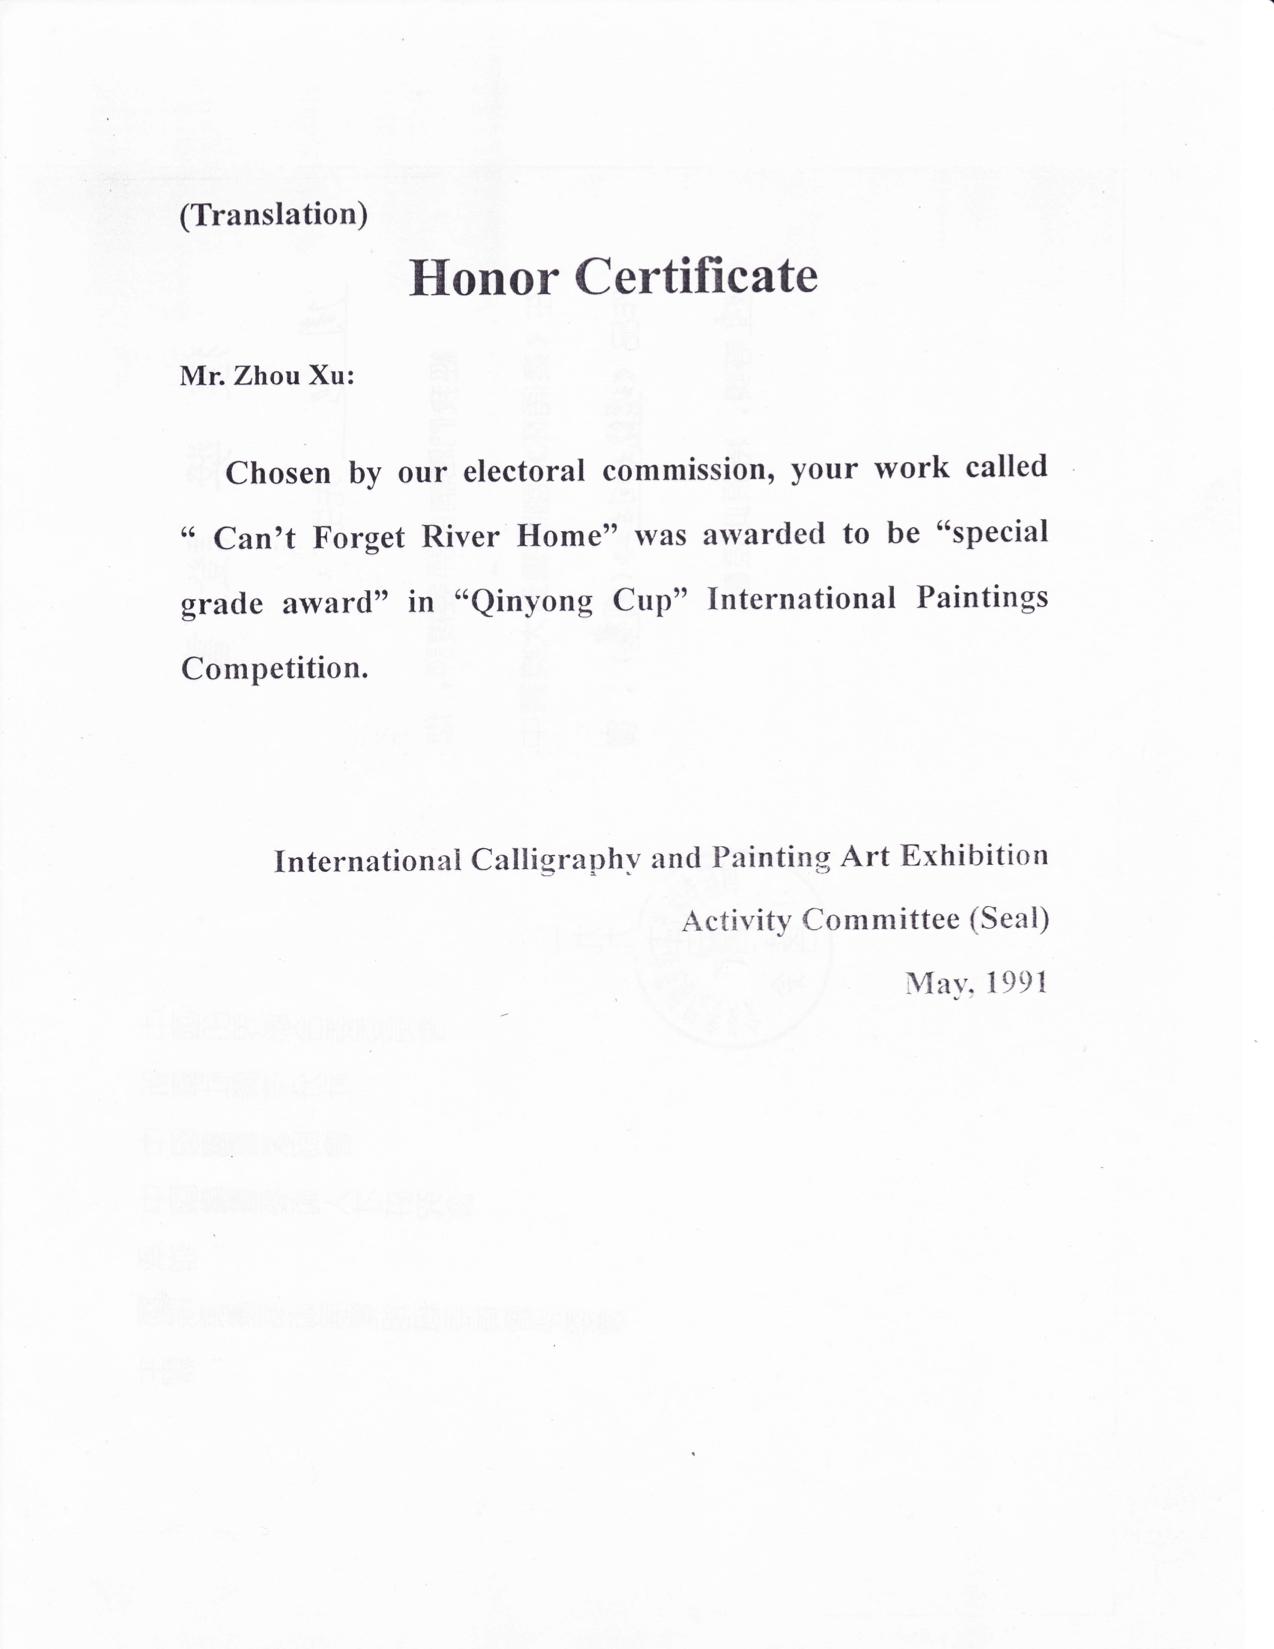 Special Grade Award